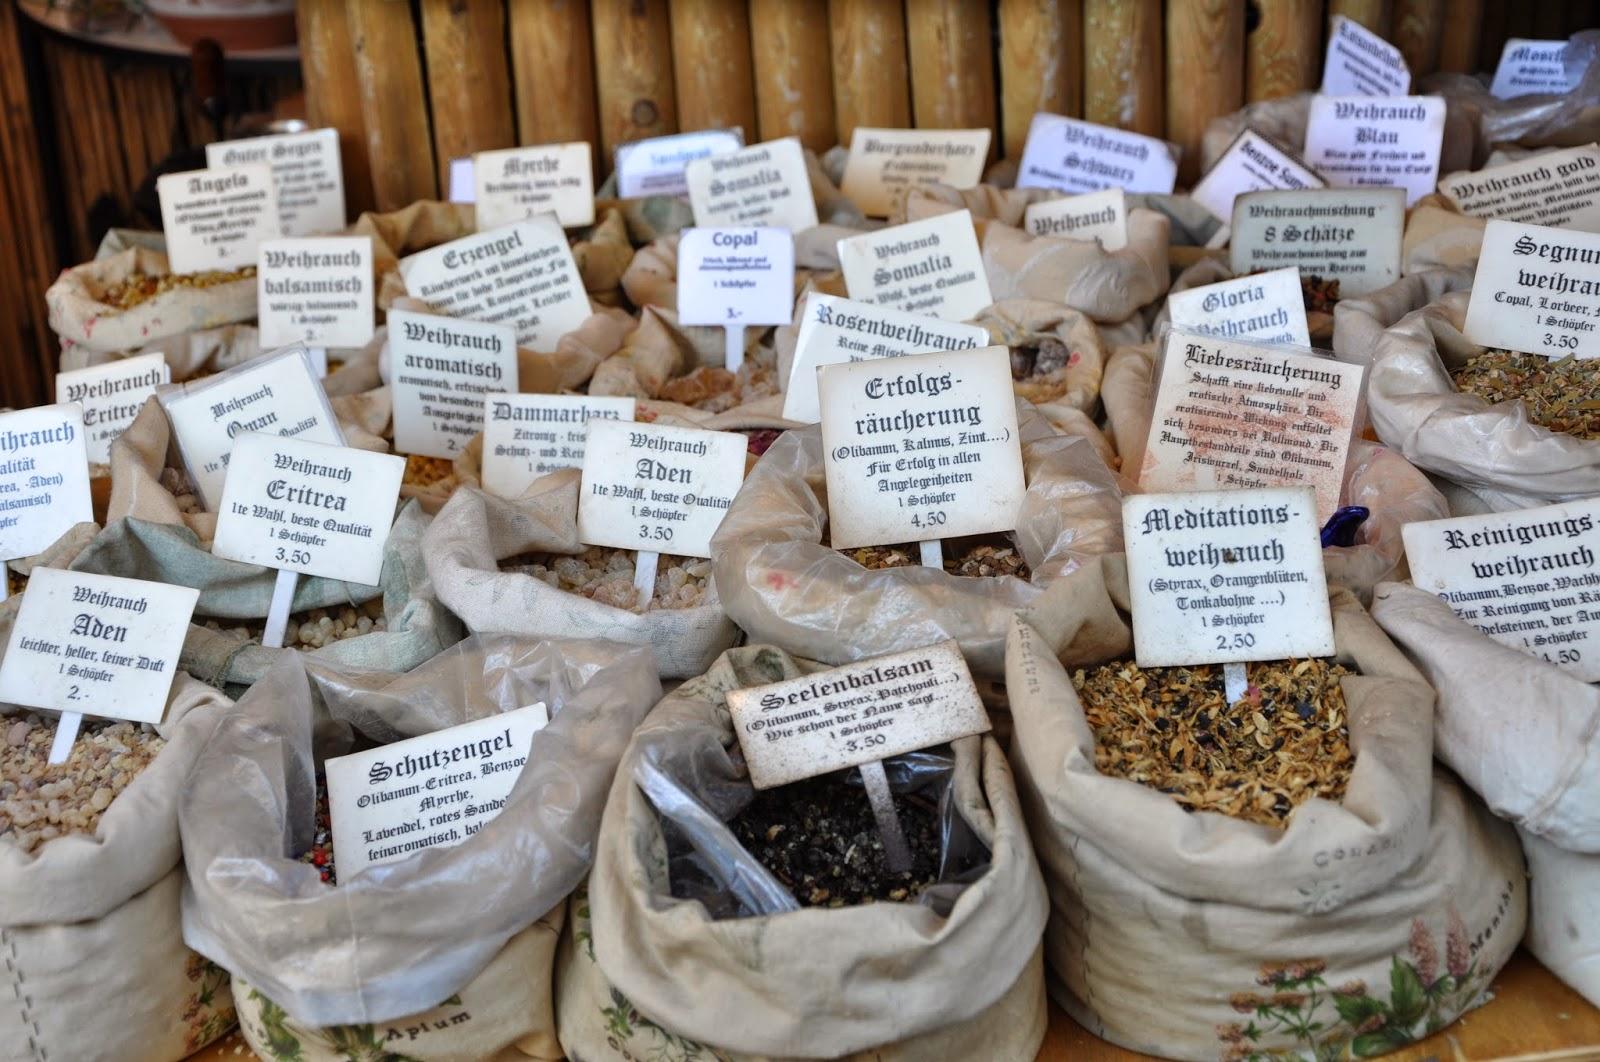 Jahrmarkt Memmingen: Weihrauch in allen Variationen